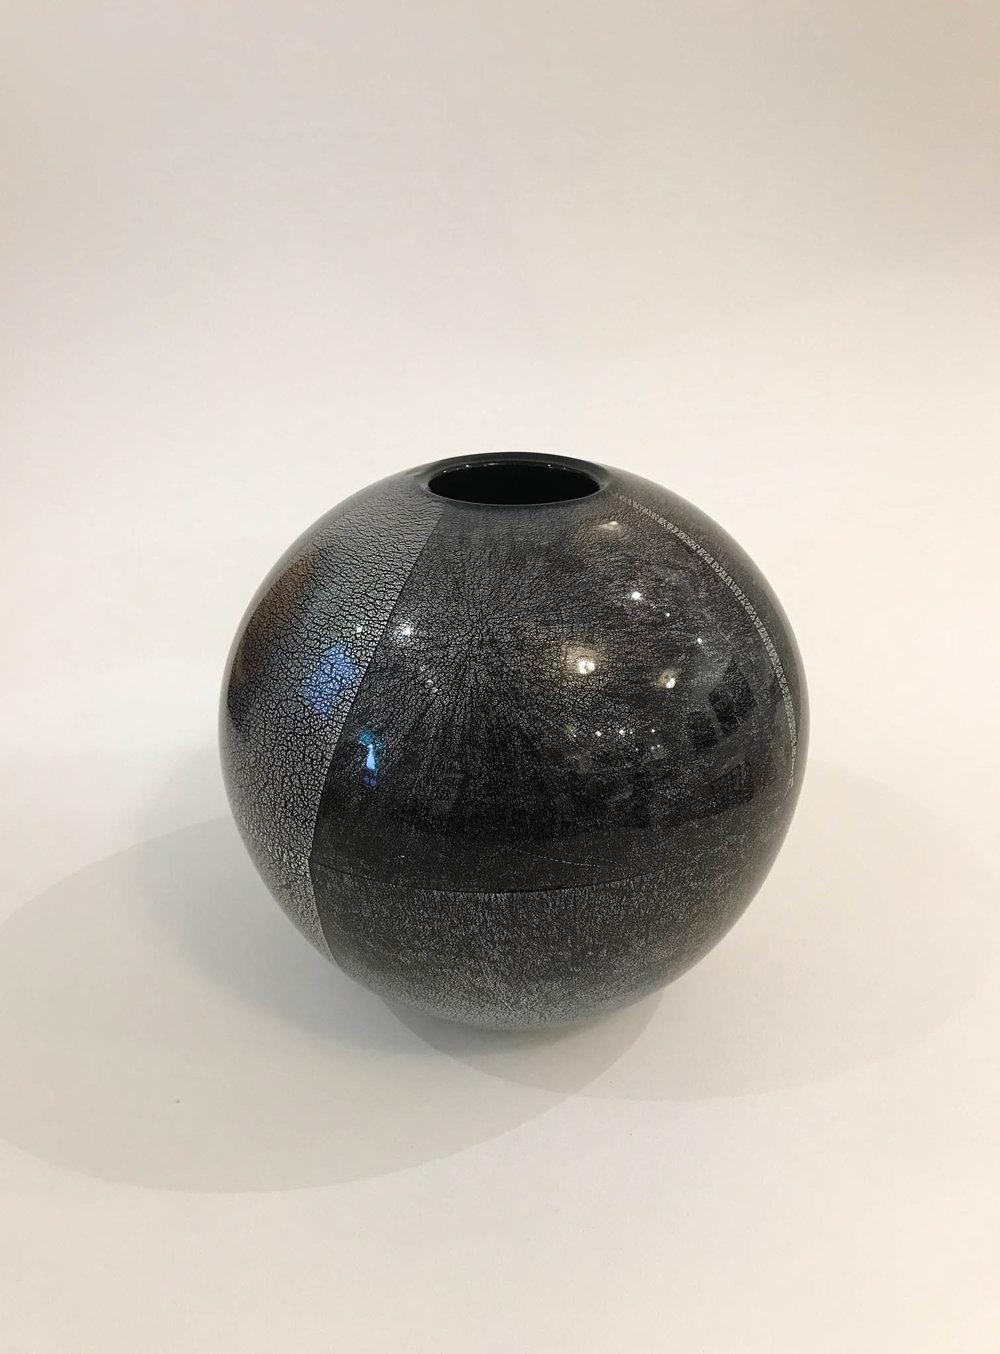 """Orb Vase , handblown black glass with silver leaf, 6 1/2"""" x 6 1/2"""" x 6 1/2"""", $265"""